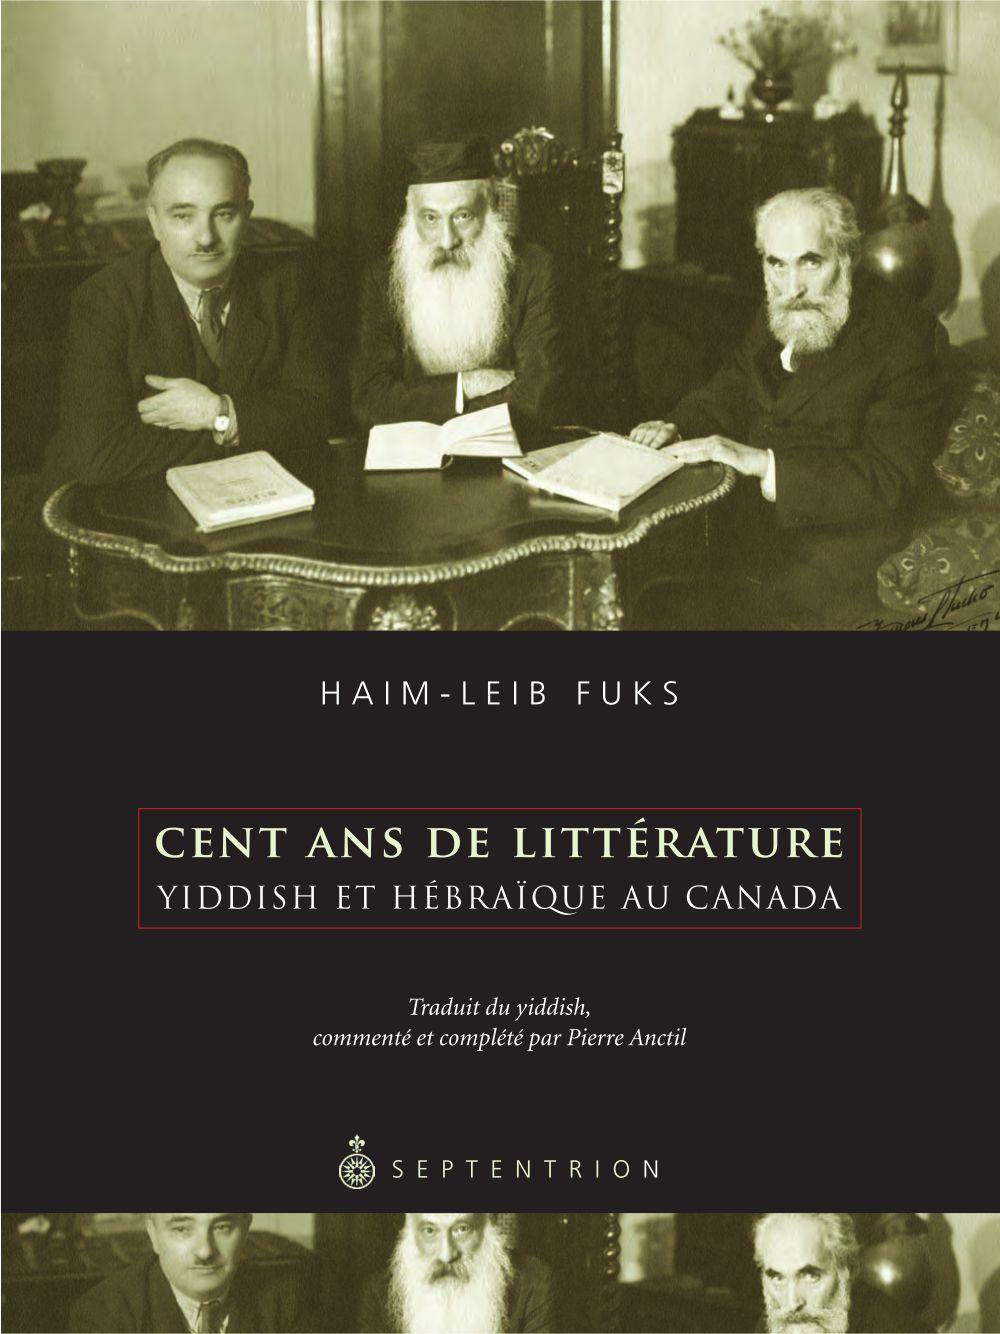 Cent ans de littérature yiddish et hébraïque au Canada